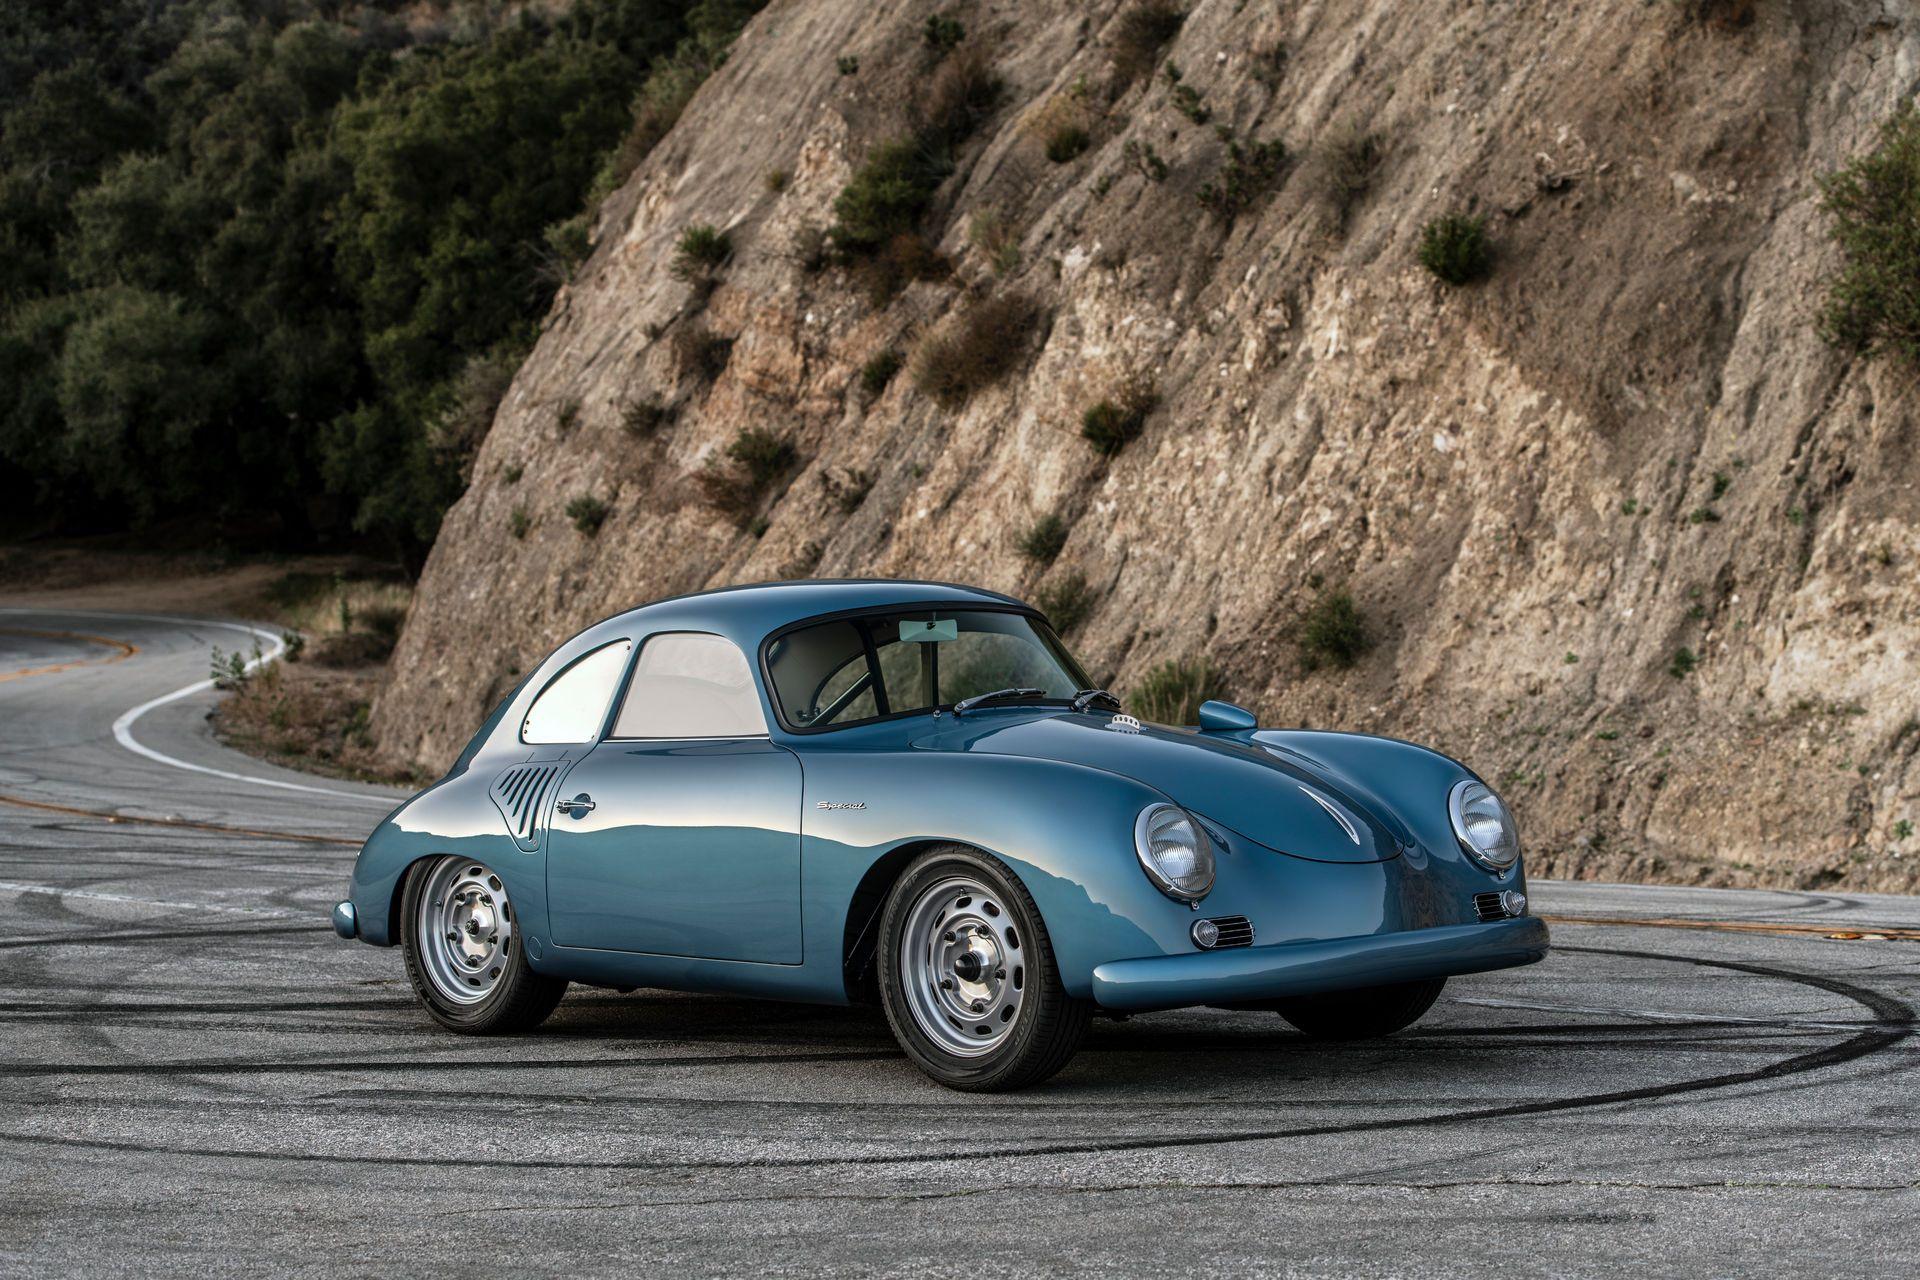 Porsche-356-A-Coupe-Restomod-Emory-Motorsports-33